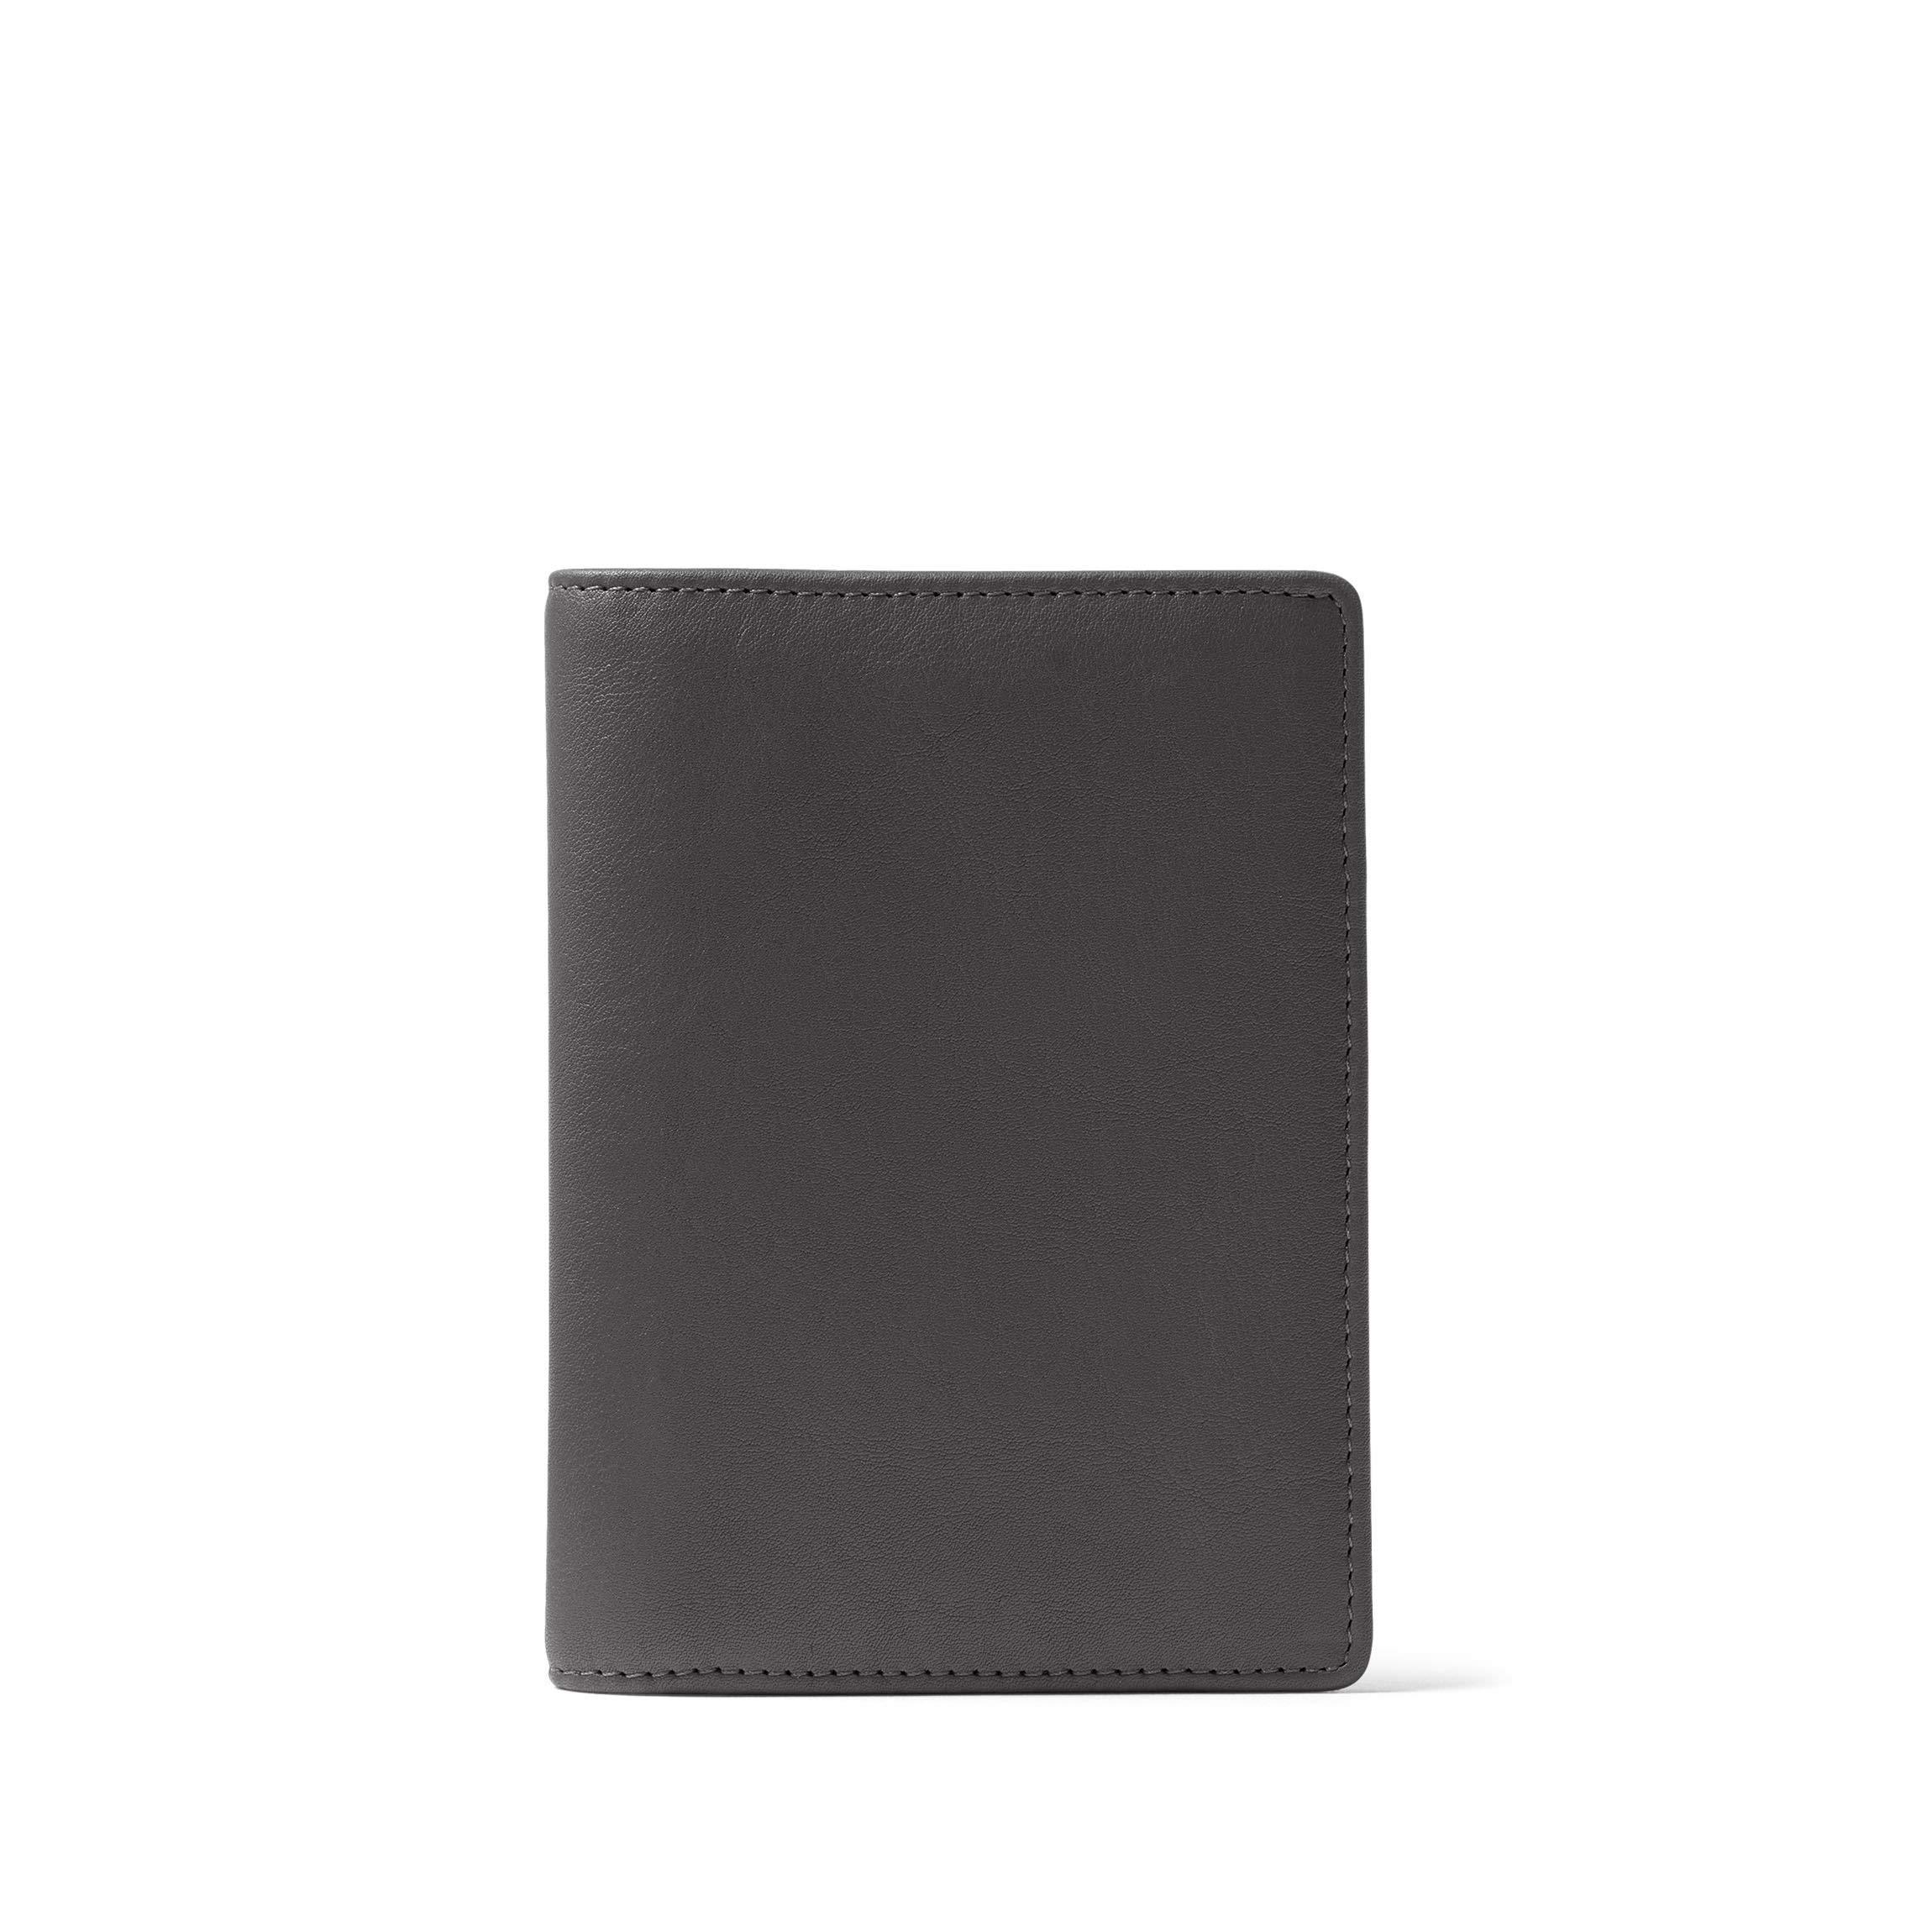 Deluxe Passport Cover - Full Grain Leather - RFID Black Onyx (black)